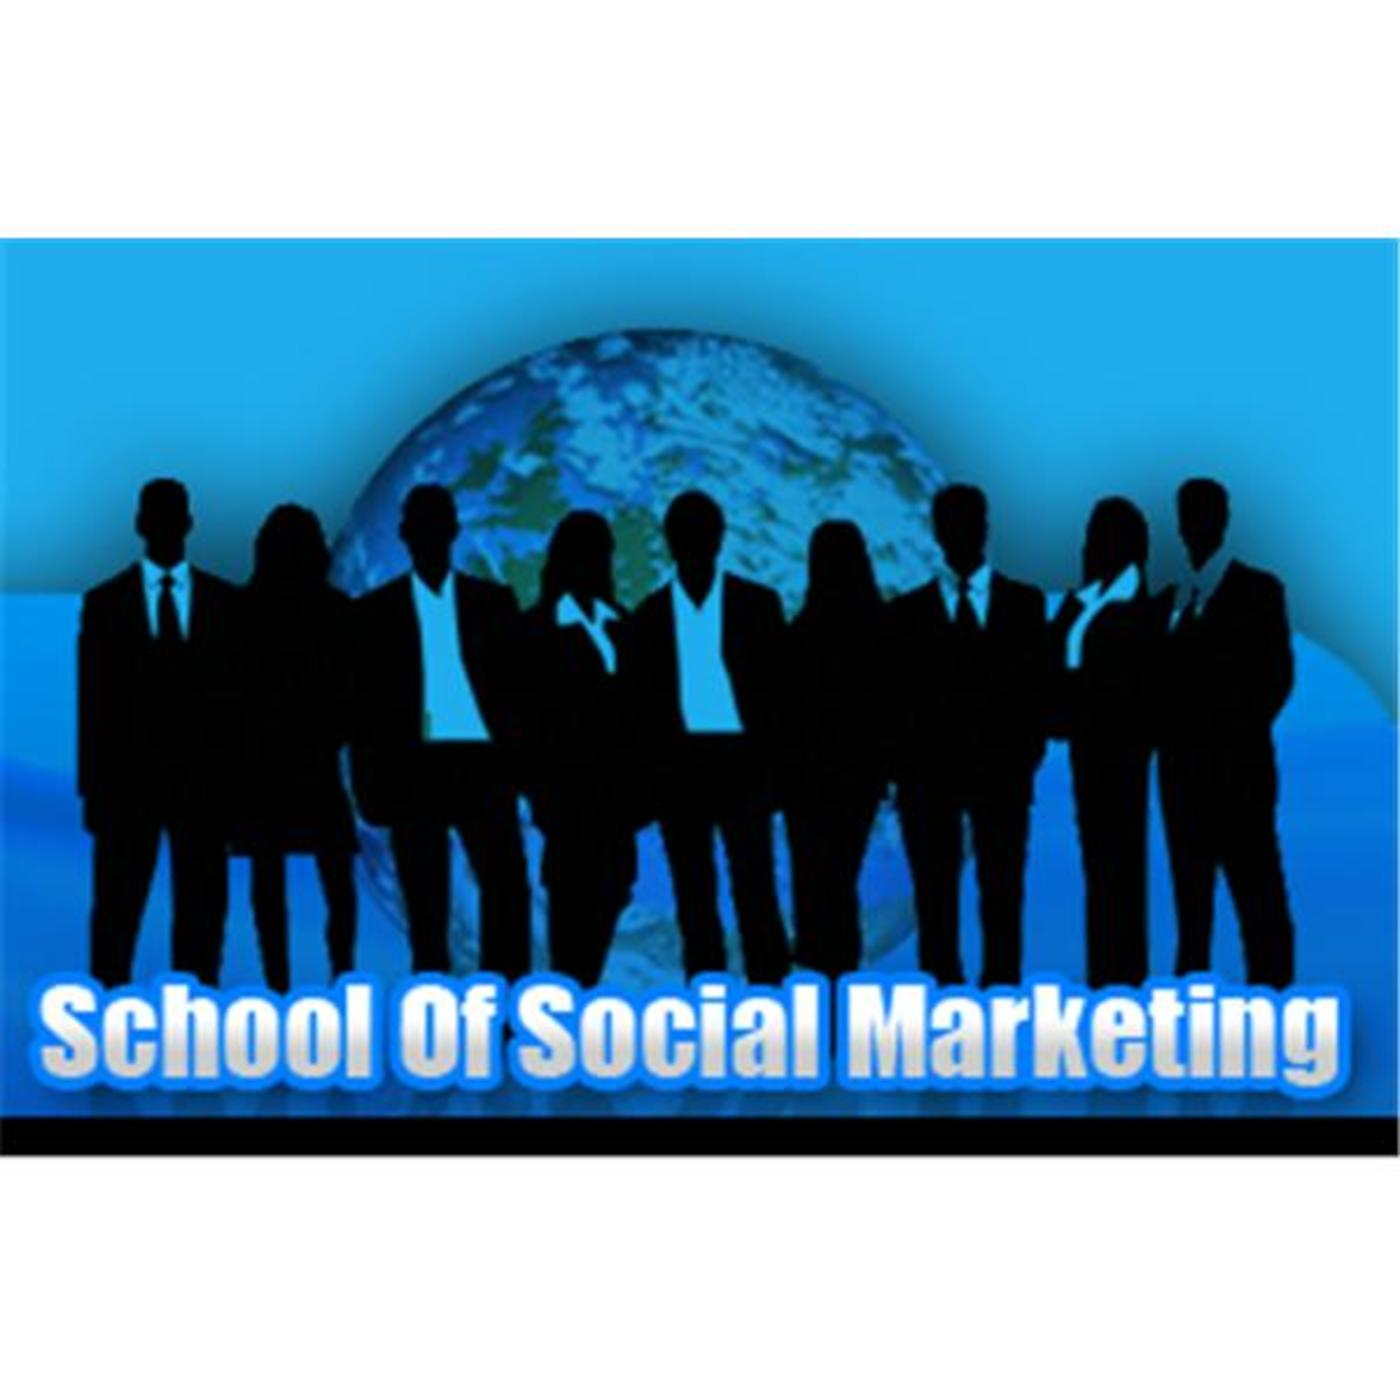 School of Social Marketing